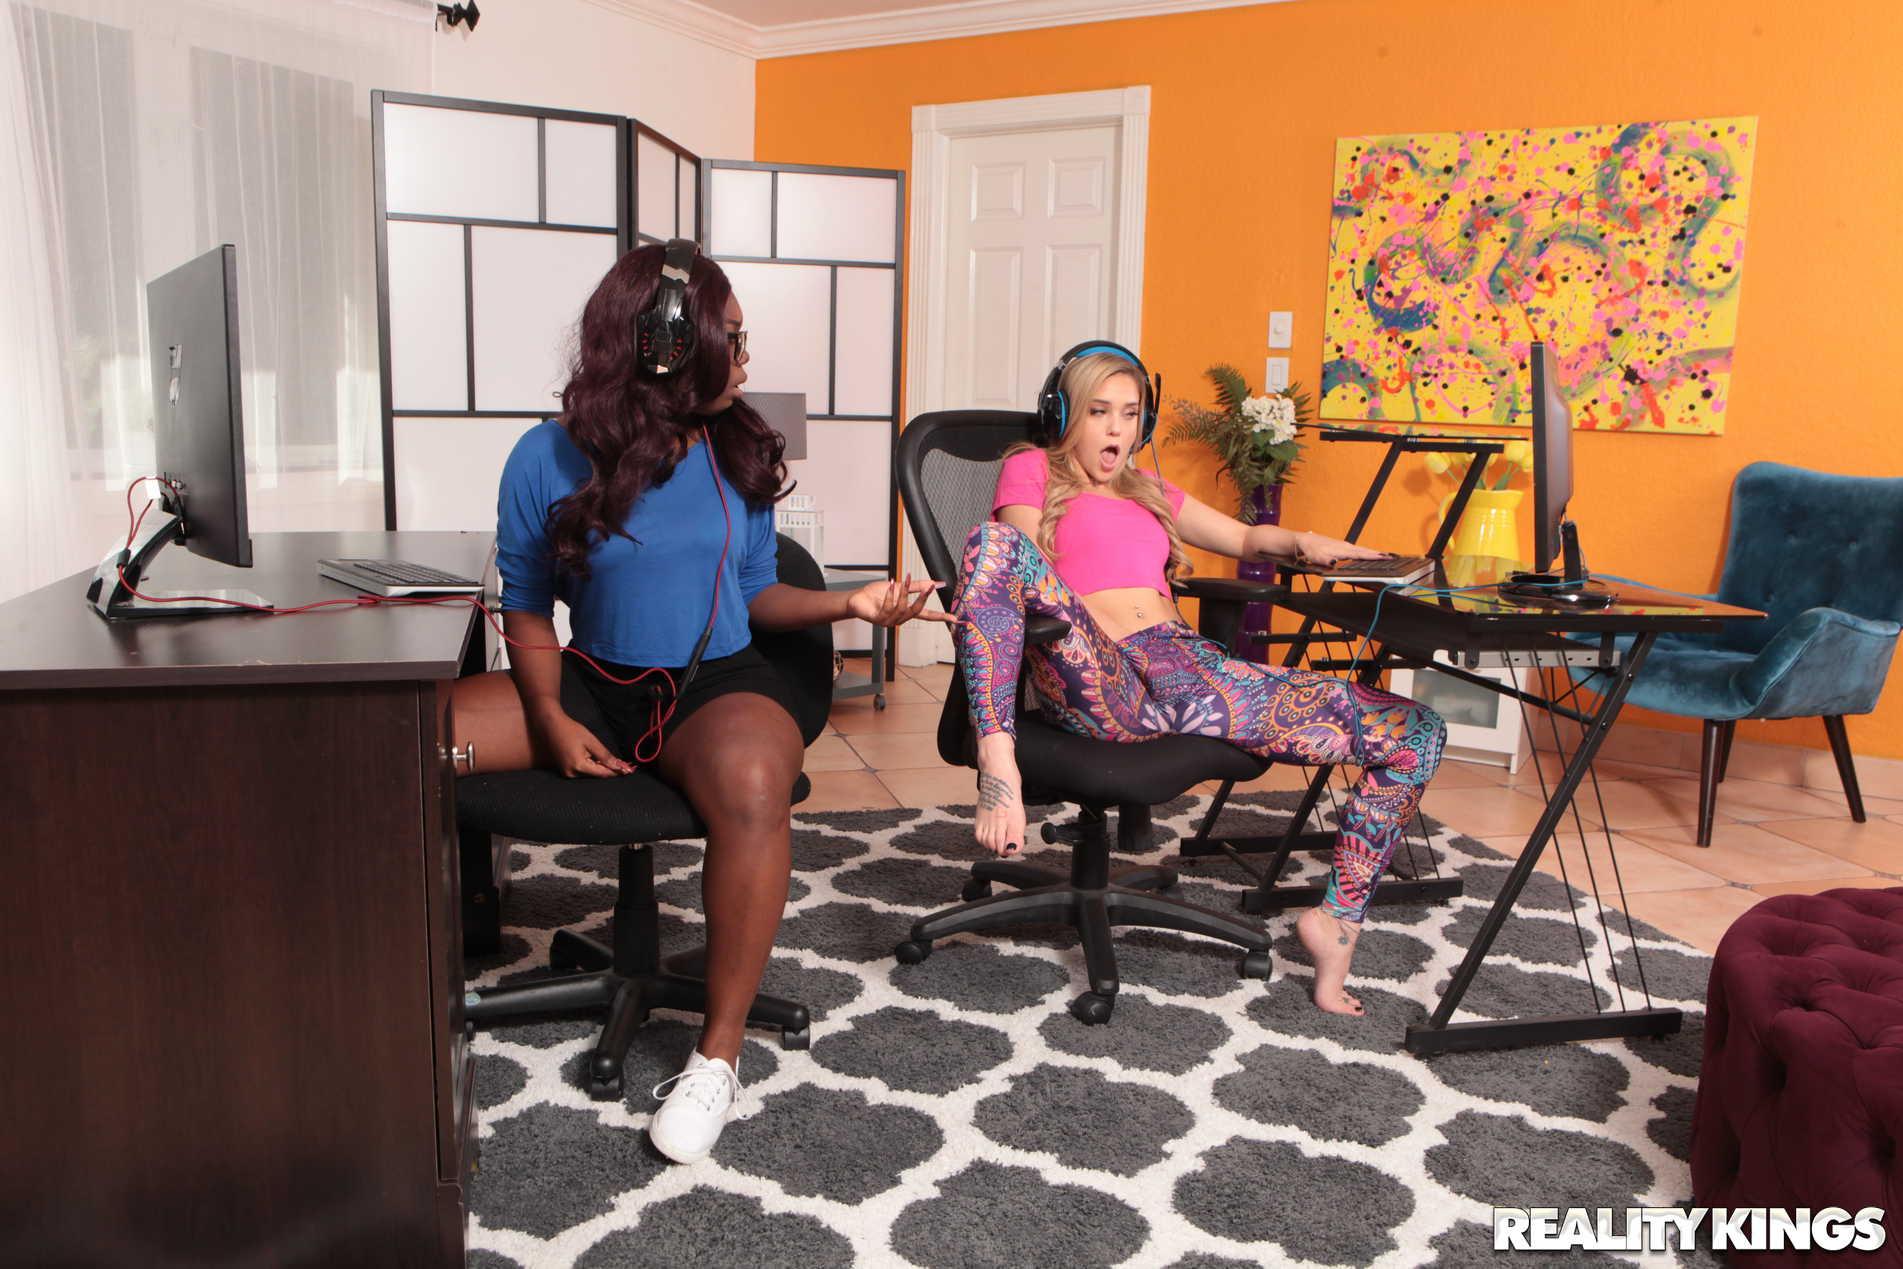 Reality Kings 'Gamer Girl Needs Dick' starring Kali Roses (Photo 84)